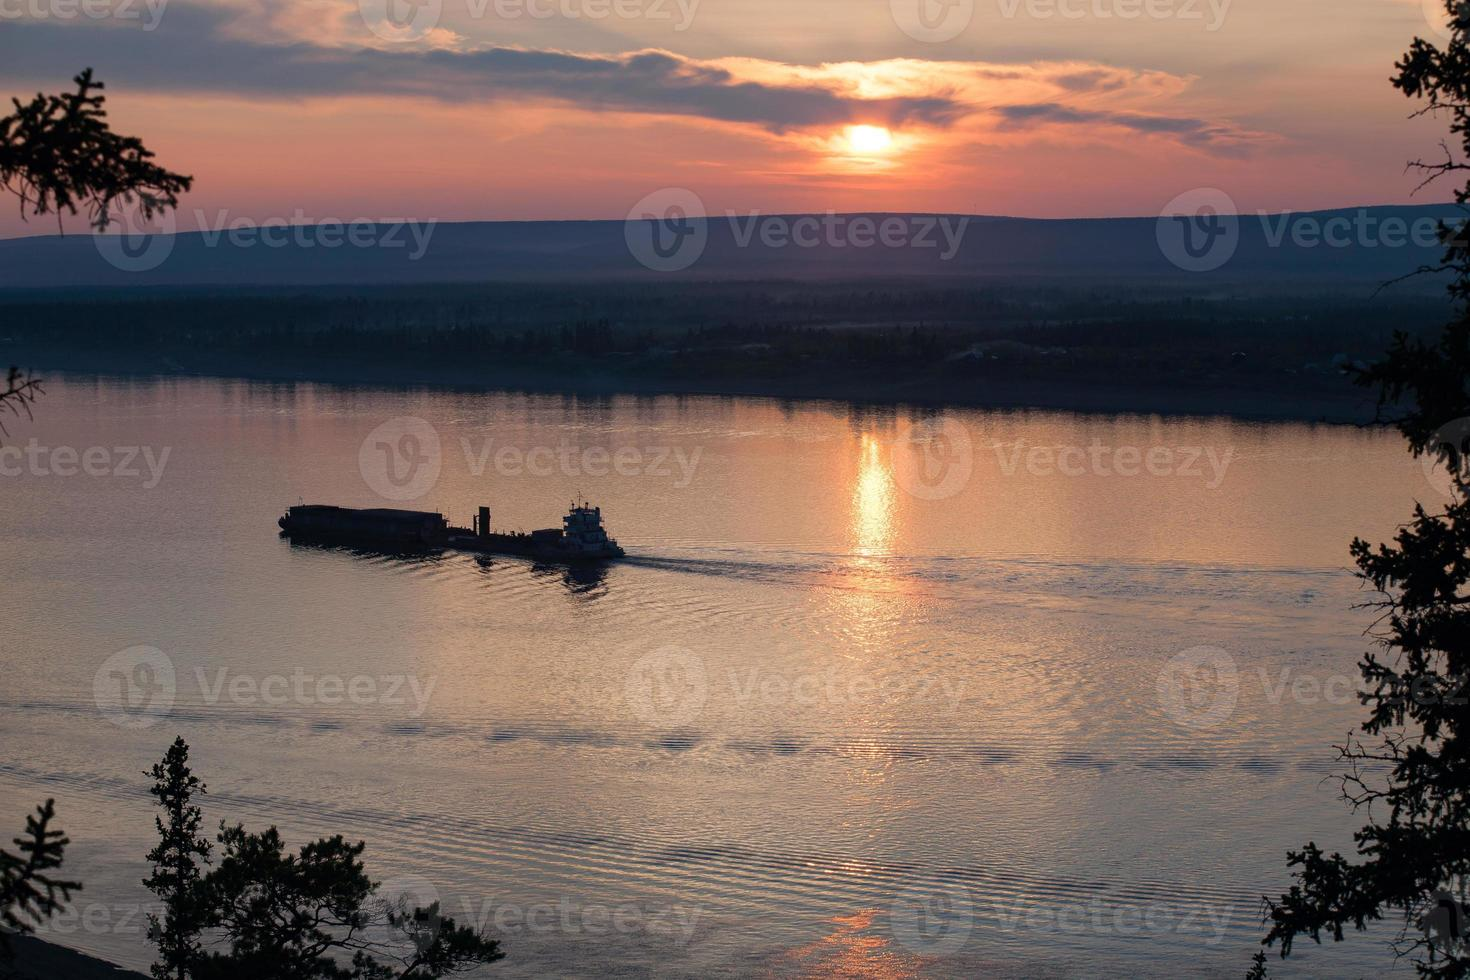 barge avec cargaison remontant la rivière. photo